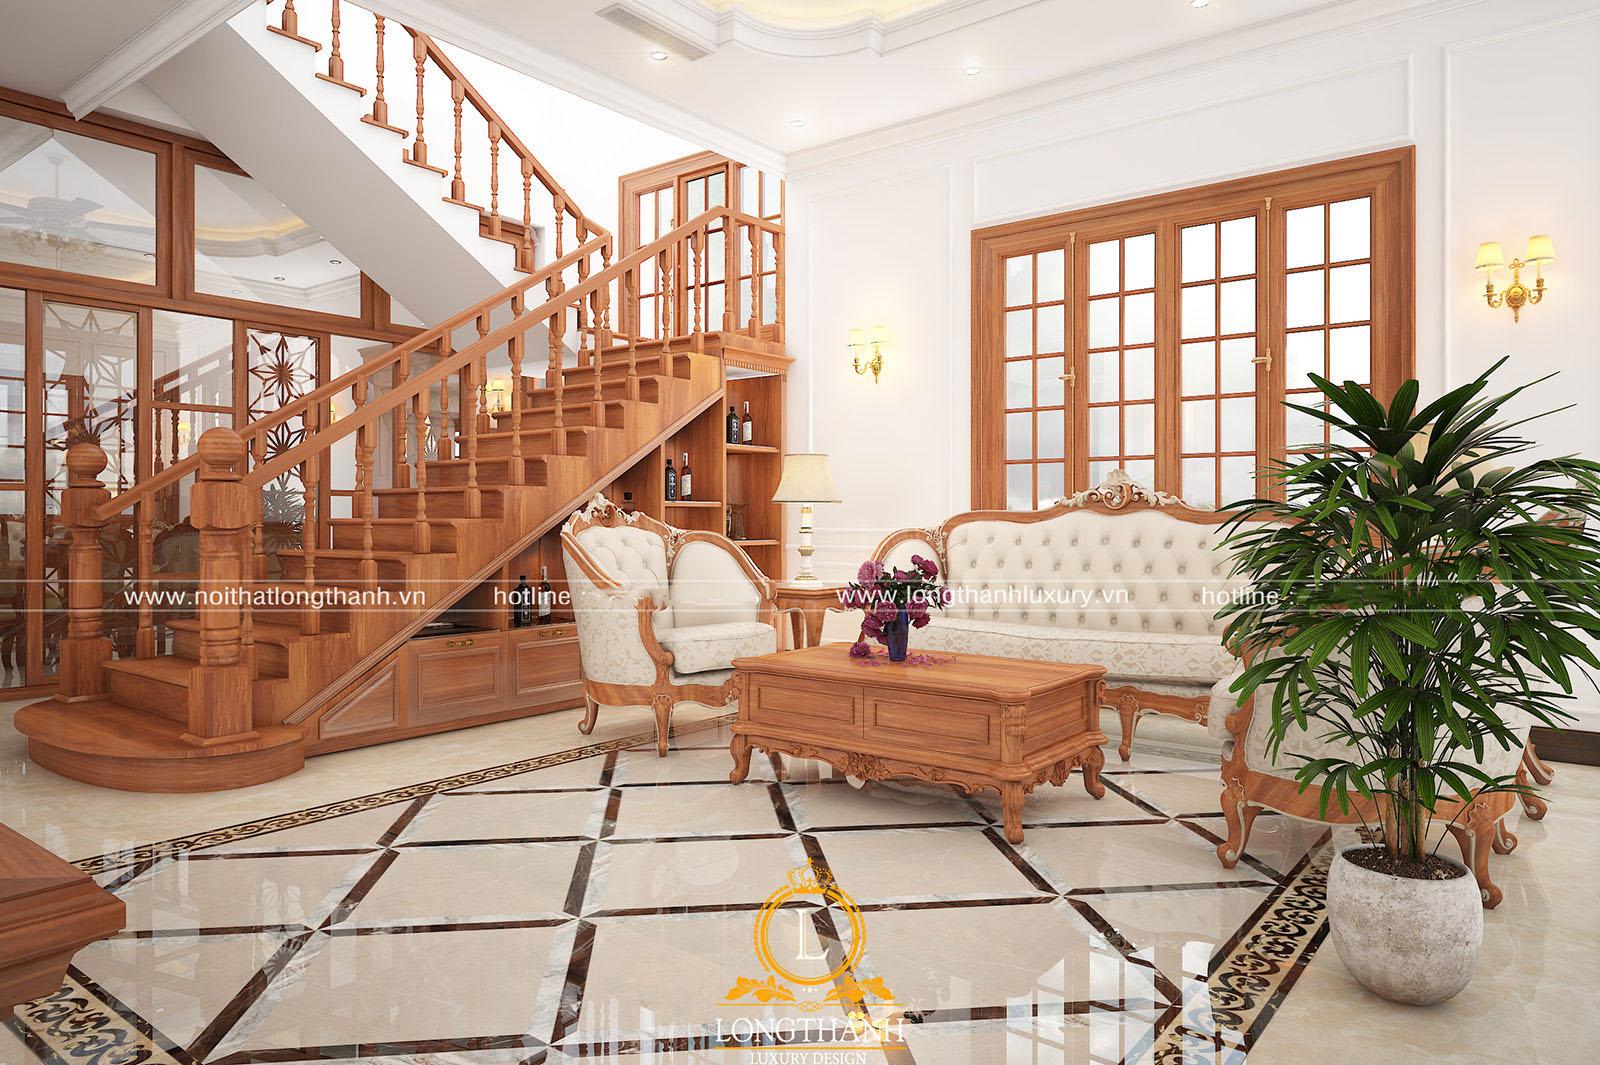 Sofa gỗ tự nhiên cao cấp cho phòng khách